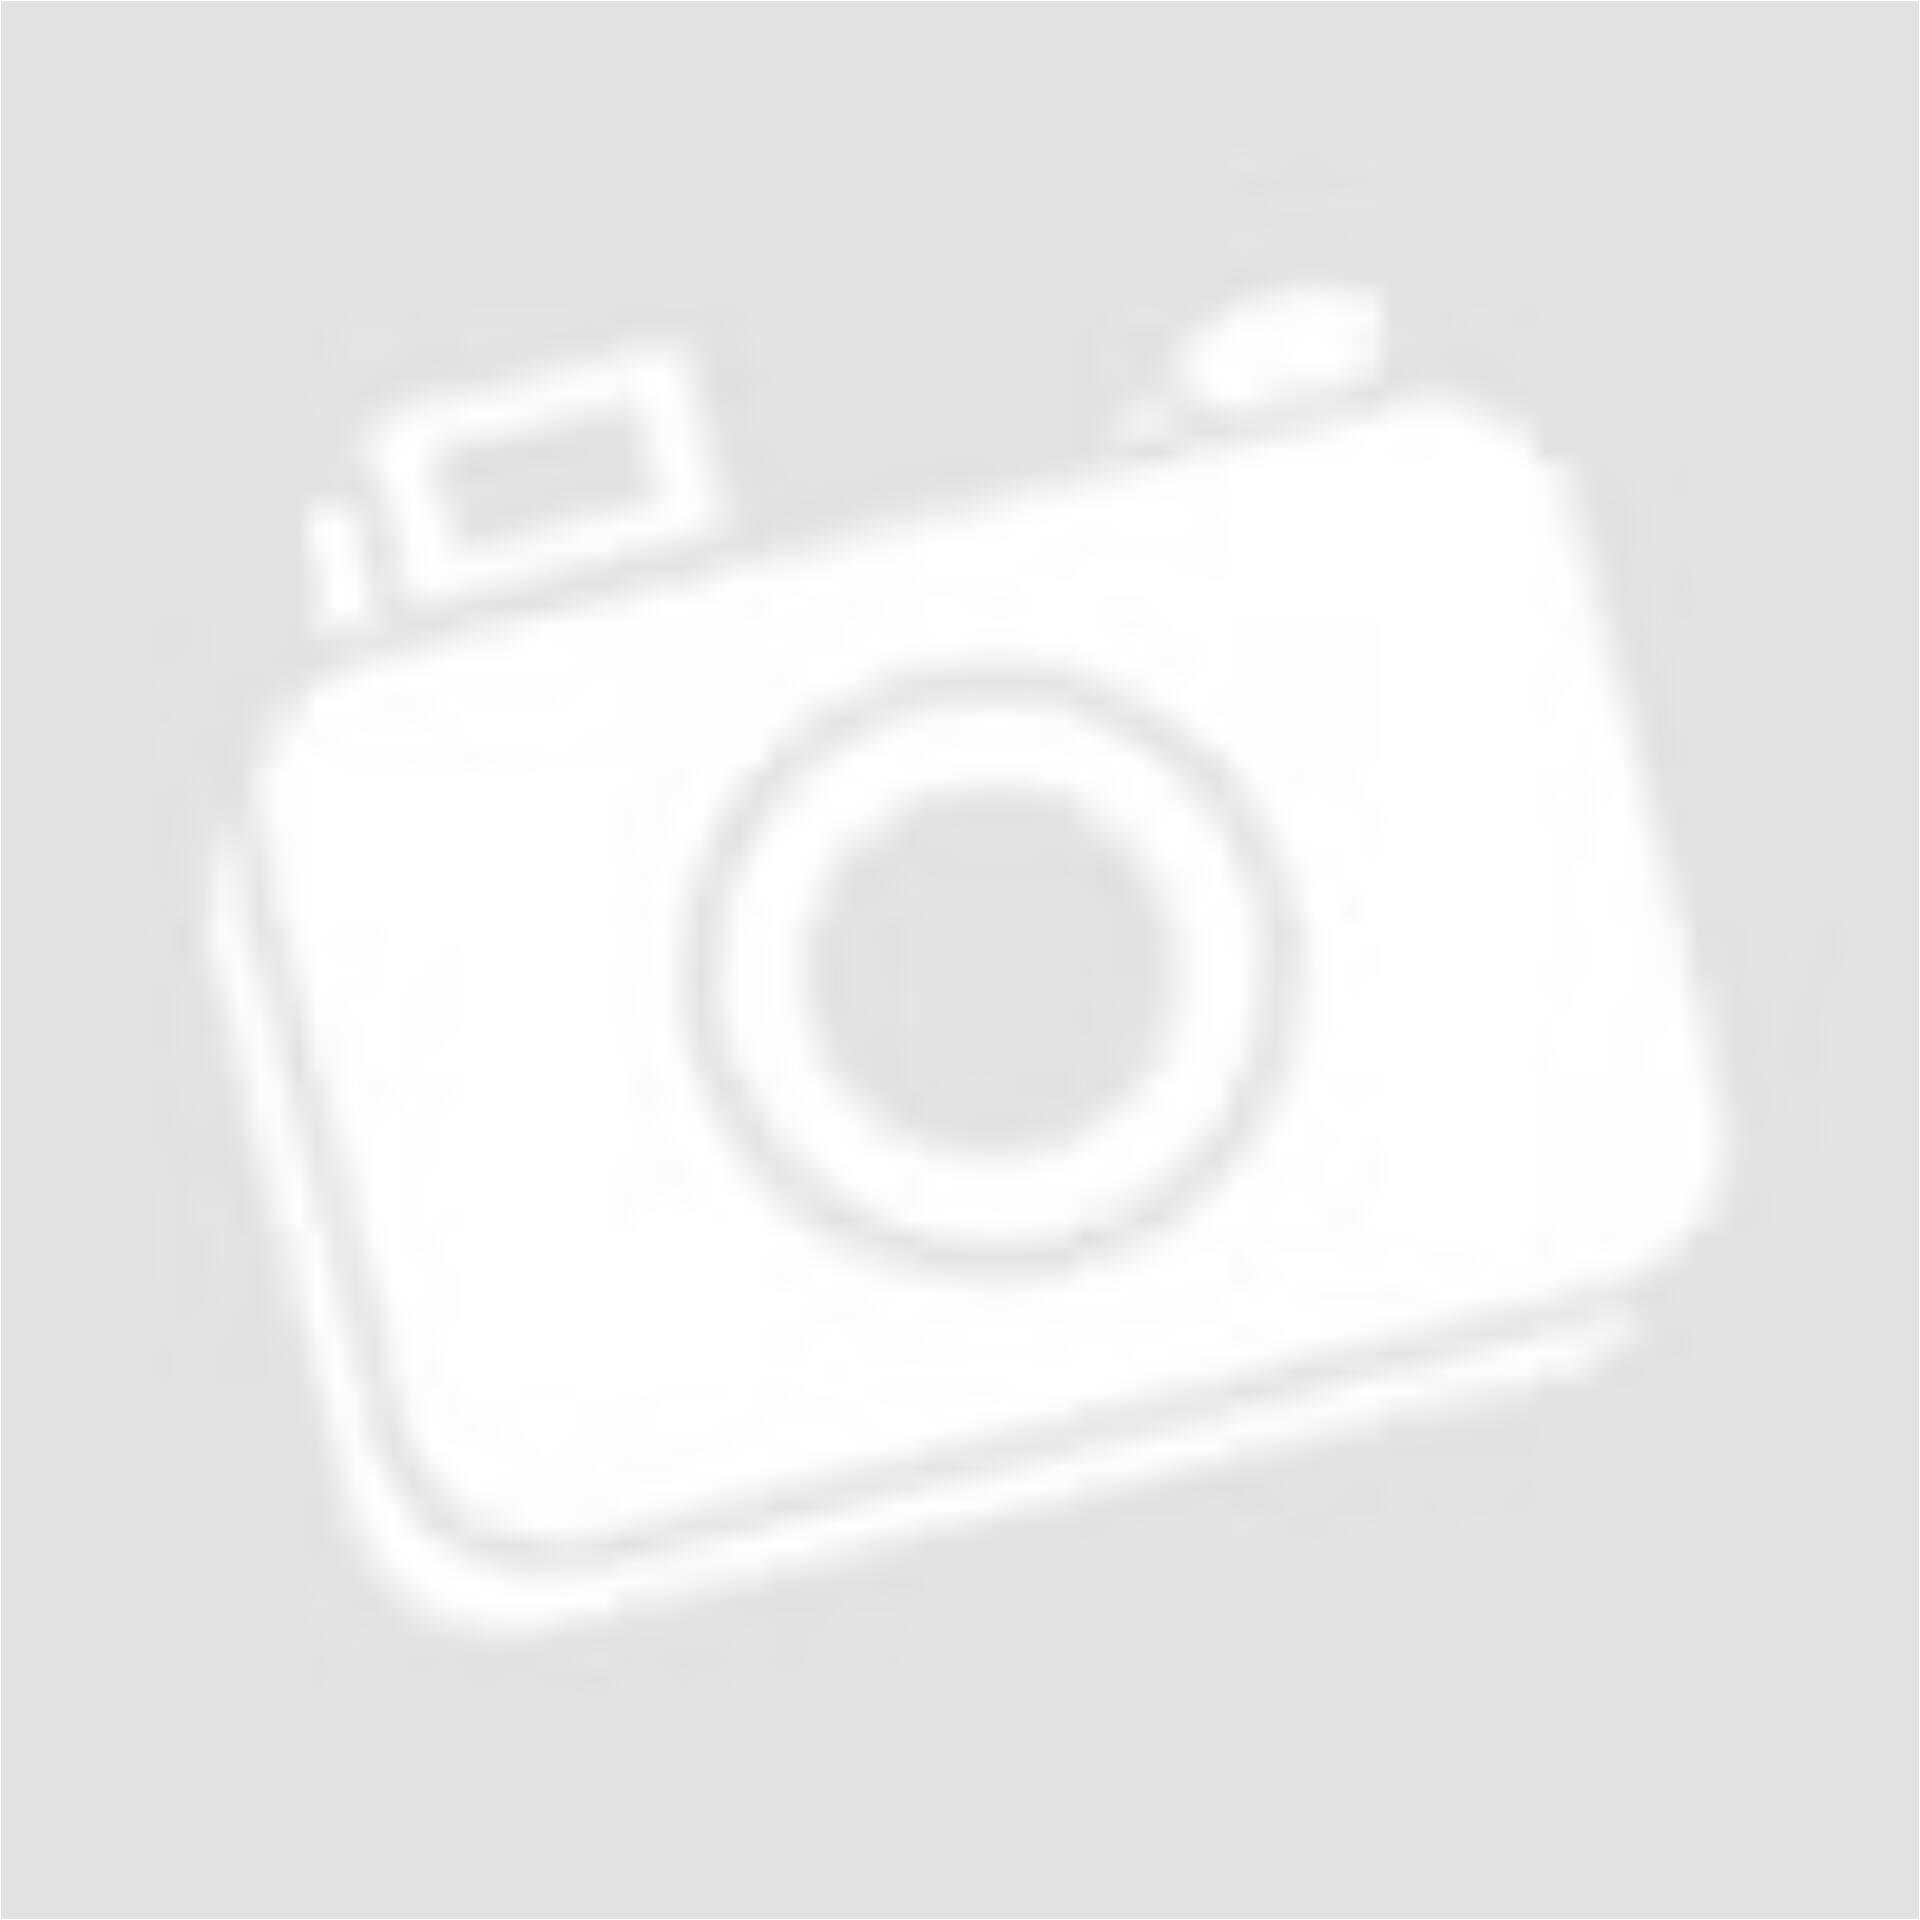 f52a030f26 ESPRIT kék-fehér ferde csíkos férfi ing (Méret: M) - Ing - Öltözz ki  webáruház - Új és Használtruha webshop